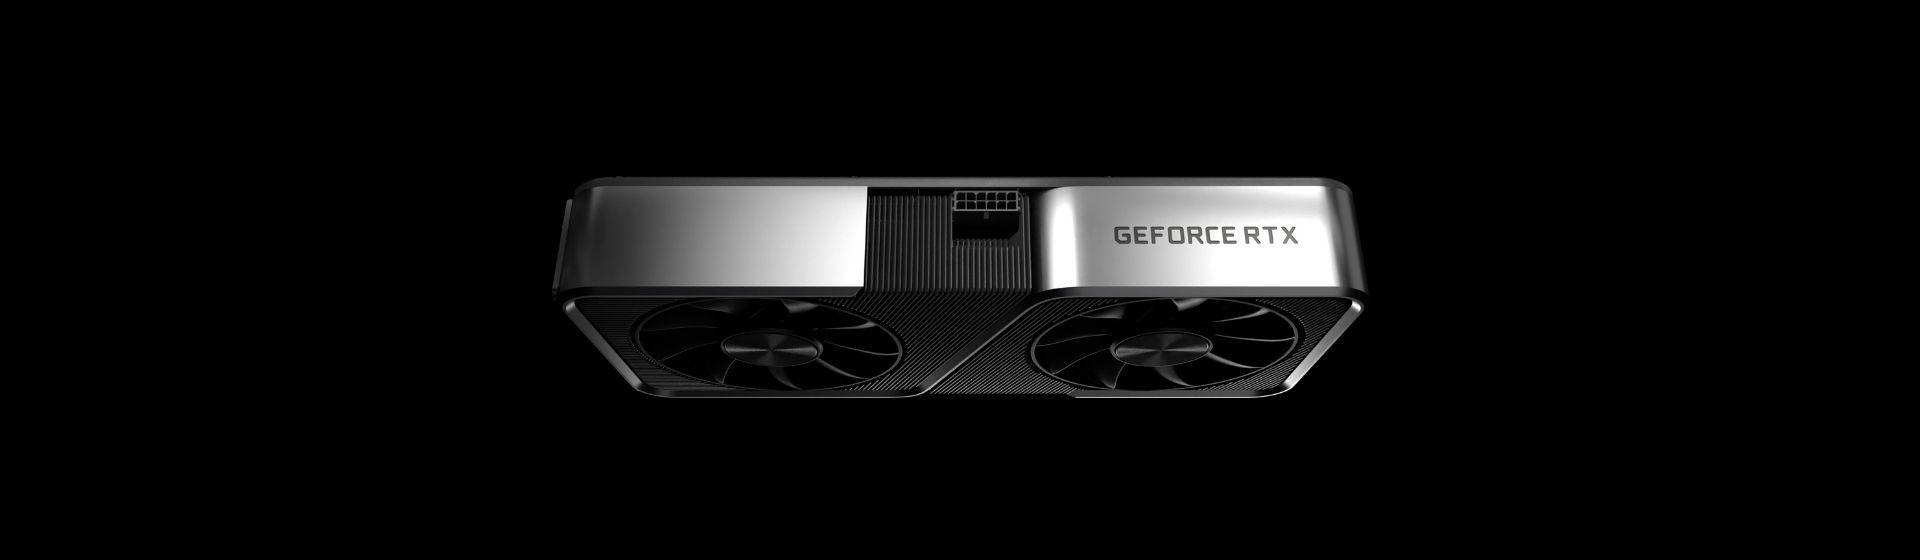 RTX 3070: preço, ficha técnica e análise da placa de vídeo da NVIDIA